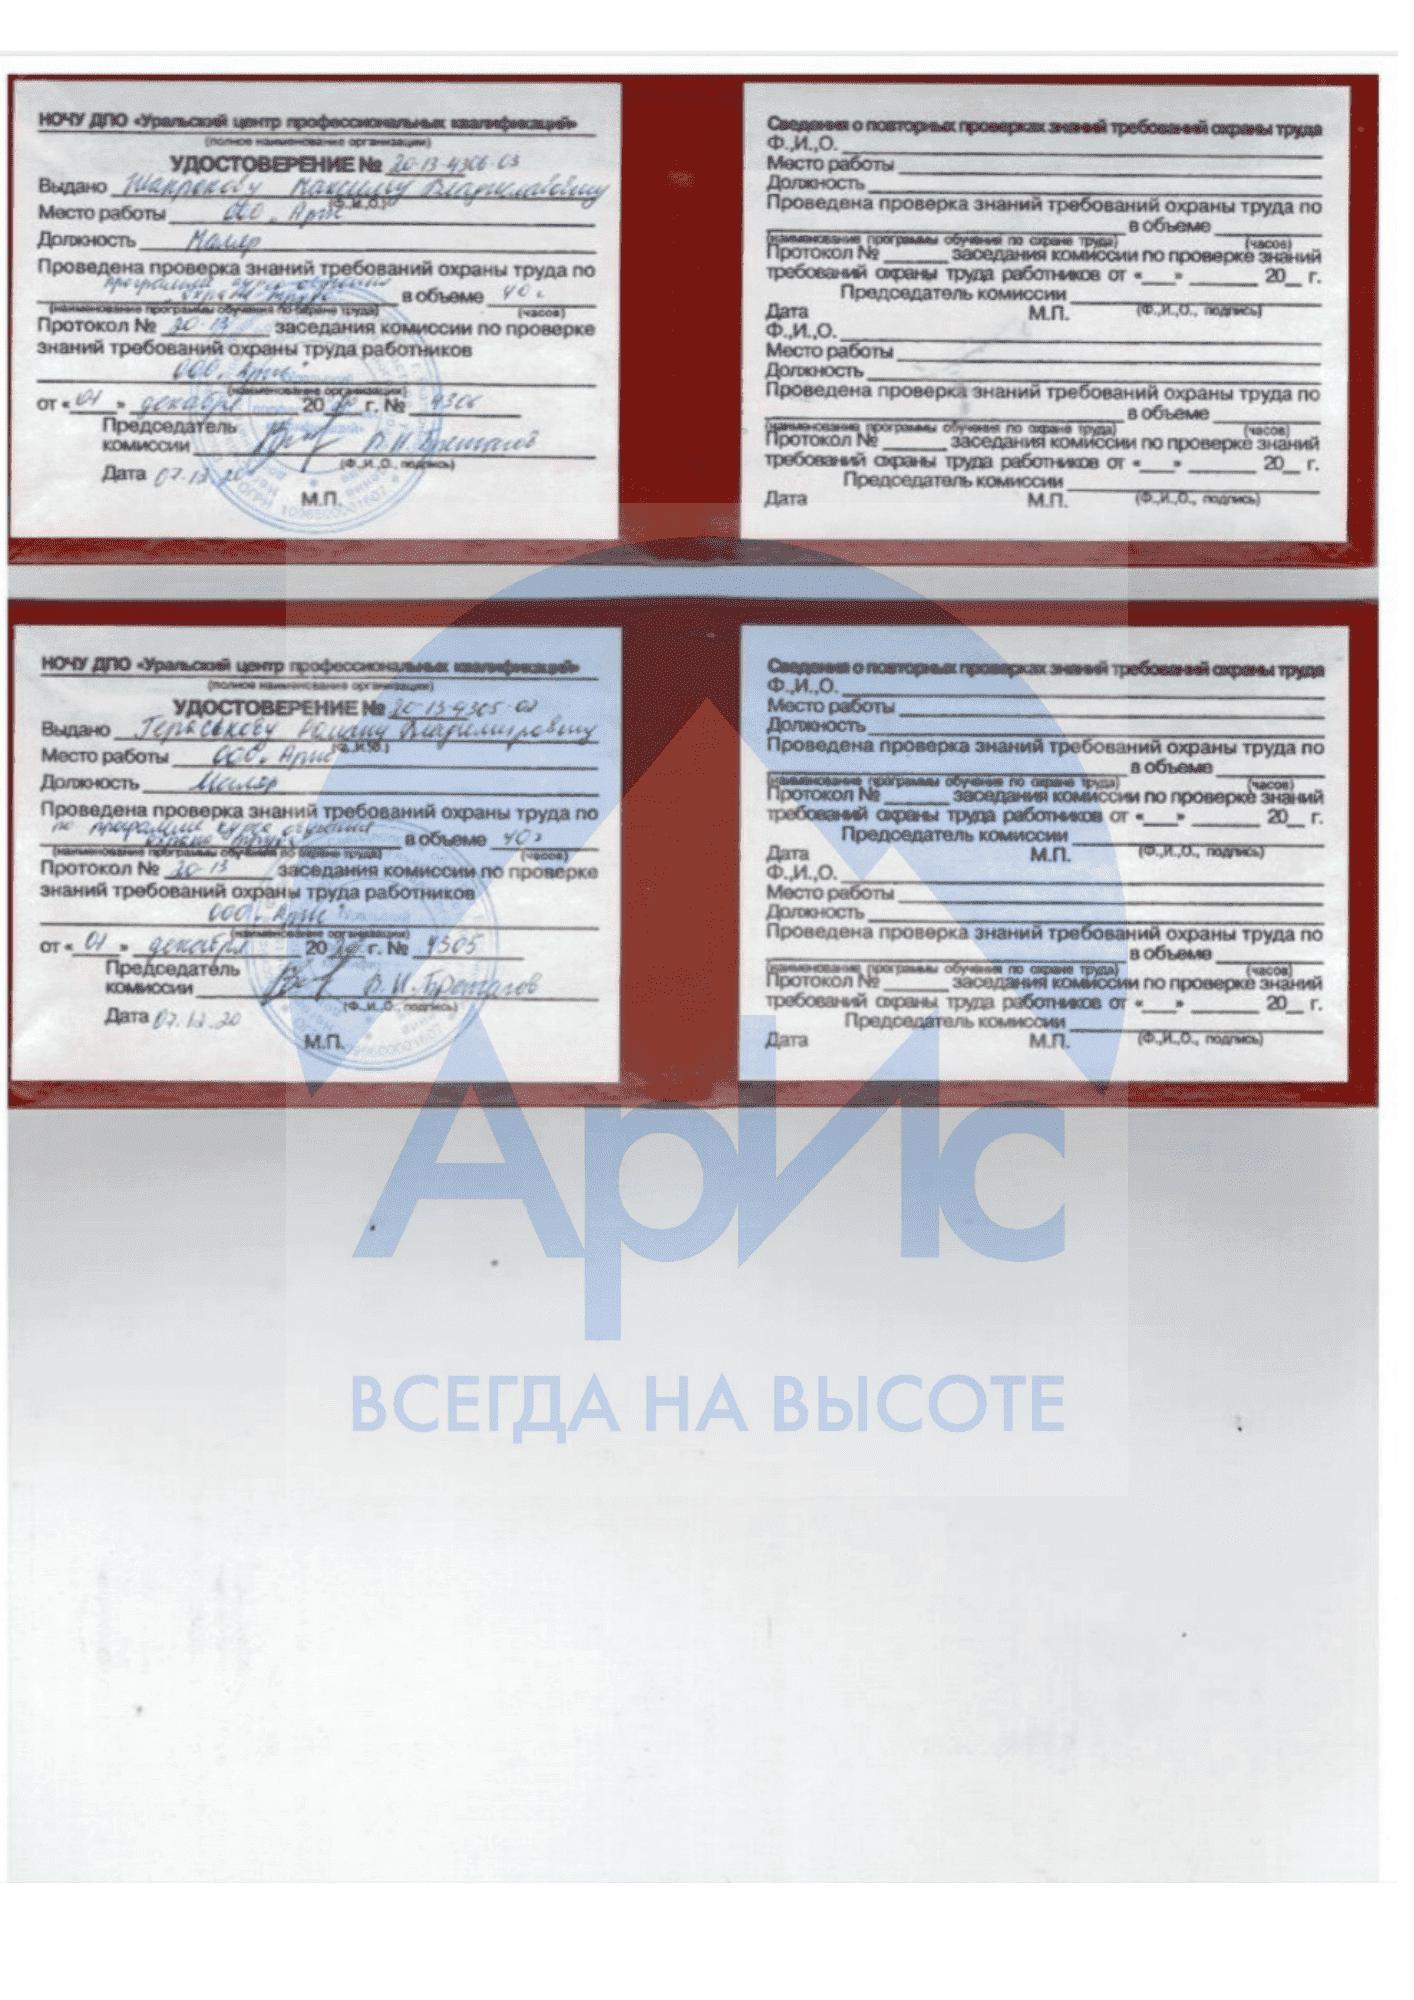 Удостоверения: Шакроков М.В. Геряськов Р.В